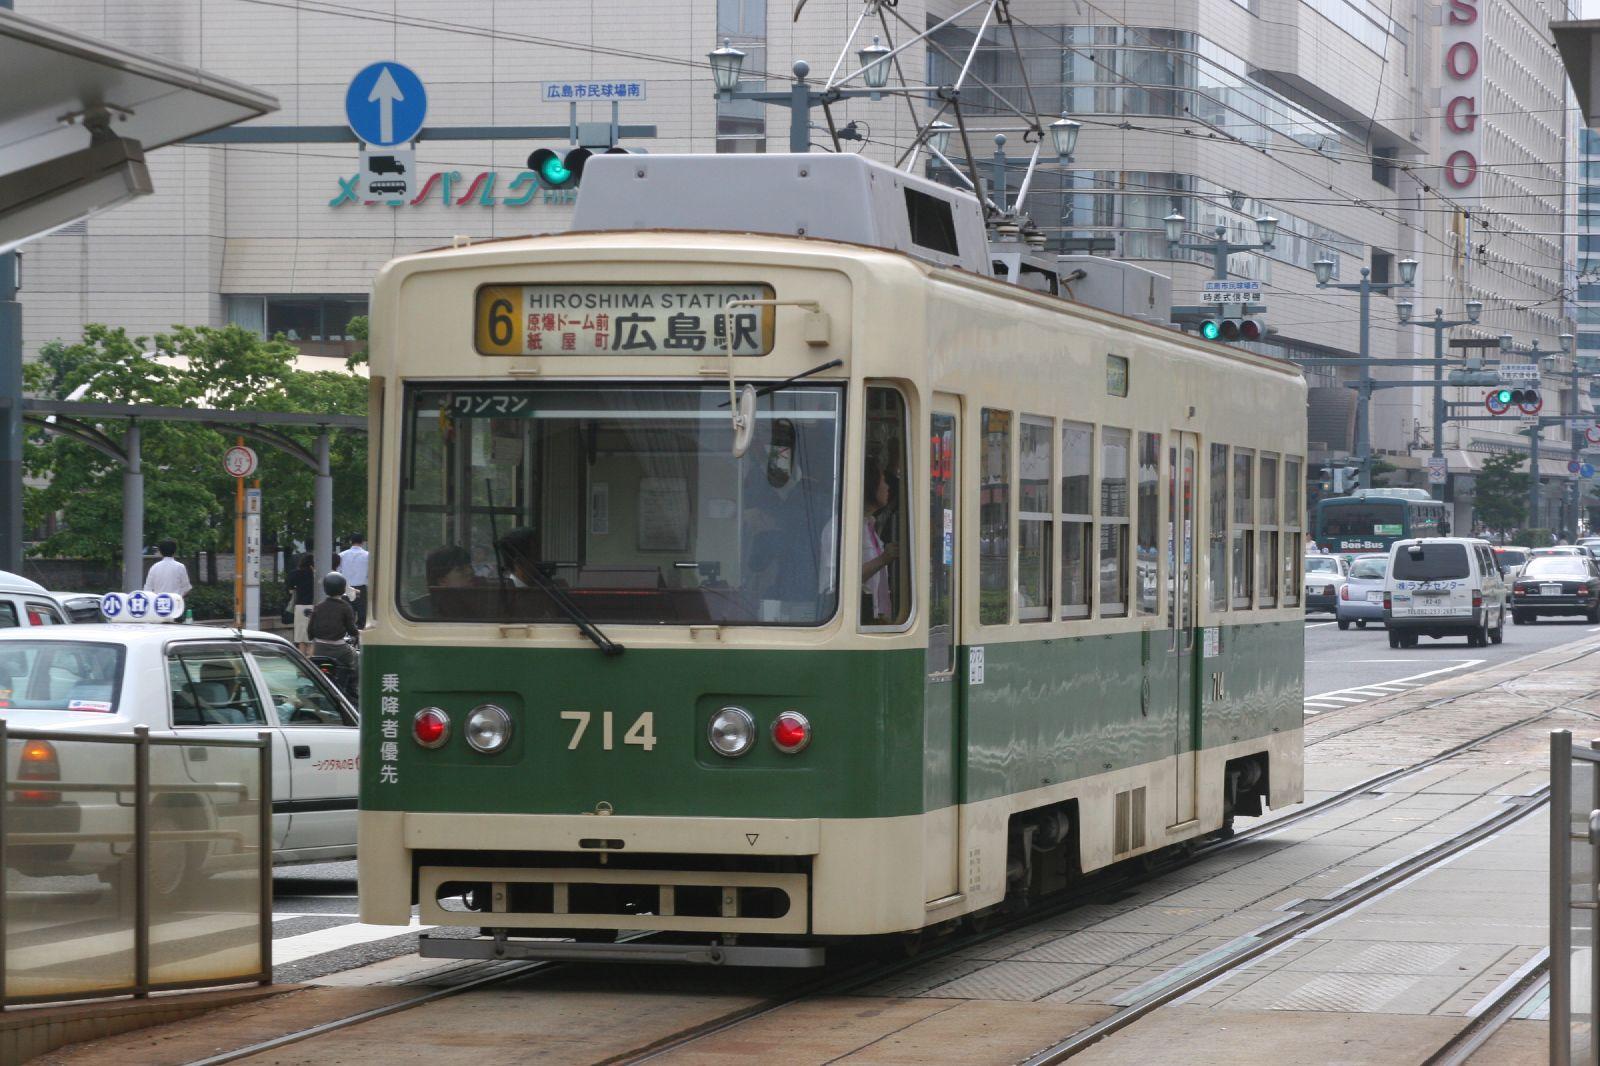 Tranvía de Hiroden